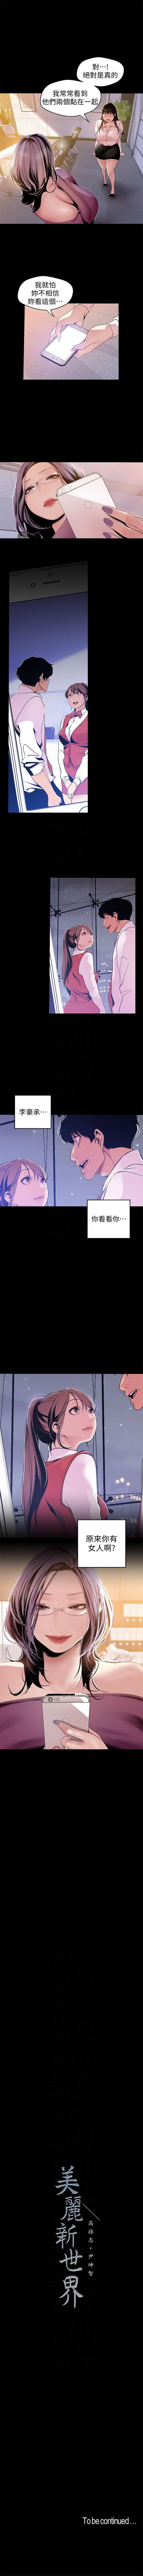 (週1)美麗新世界 1-70 中文翻譯 (更新中) 403